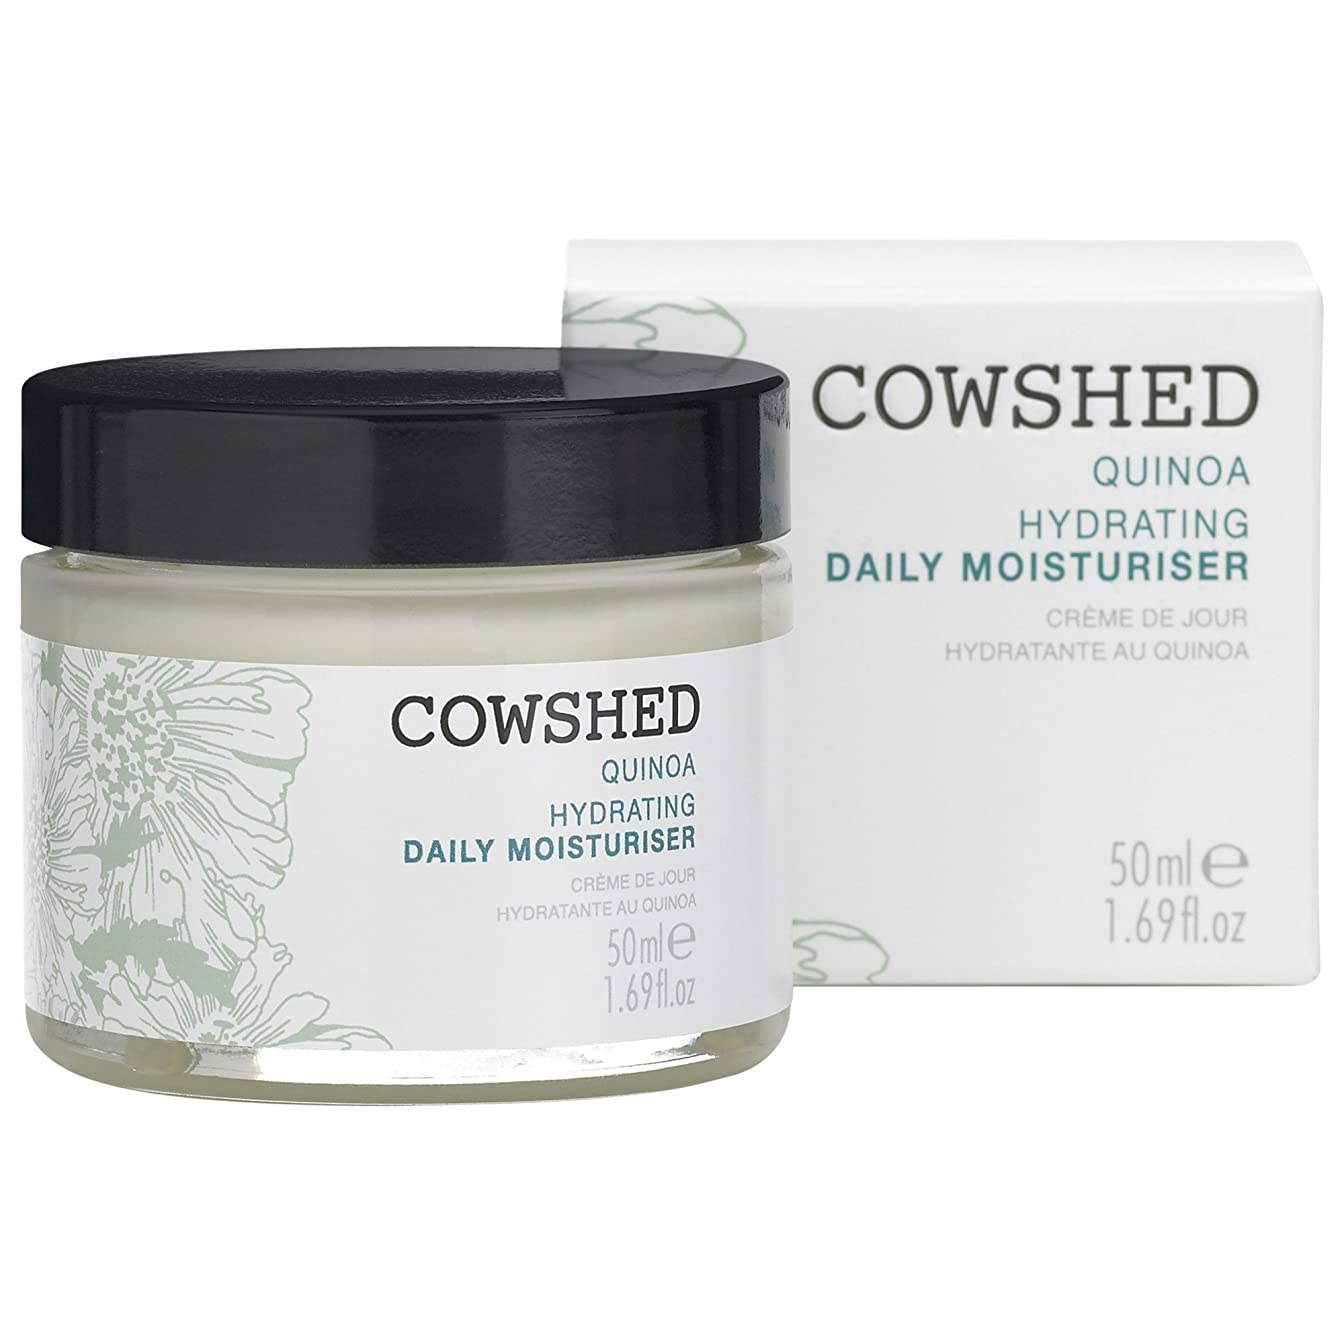 スクレーパー禁じる電圧牛舎キノア水和毎日の保湿クリーム50Ml (Cowshed) - Cowshed Quinoa Hydrating Daily Moisturiser 50ml [並行輸入品]